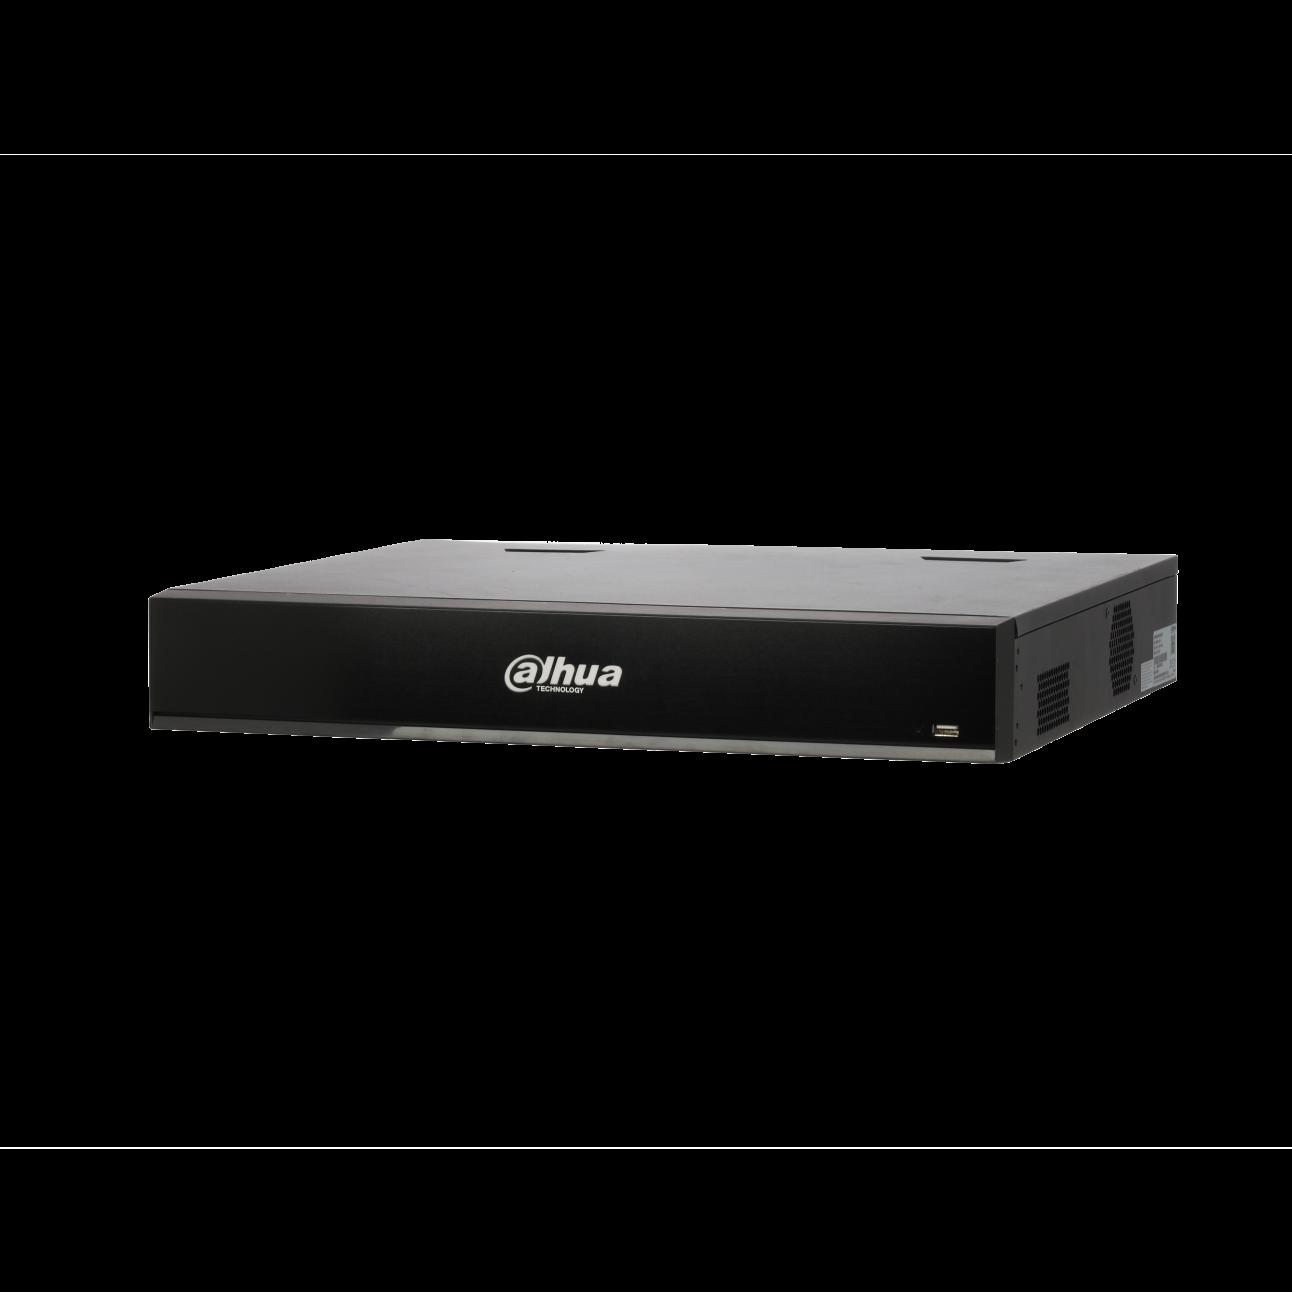 Интеллектуальный IP Видеорегистратор Dahua DHI-NVR4432-I 32-х канальный 4K, до 12Мп, 4 HDD до 8Тб, HDMI, VGA, 1 порт USB2.0, 1 порт USB3.0